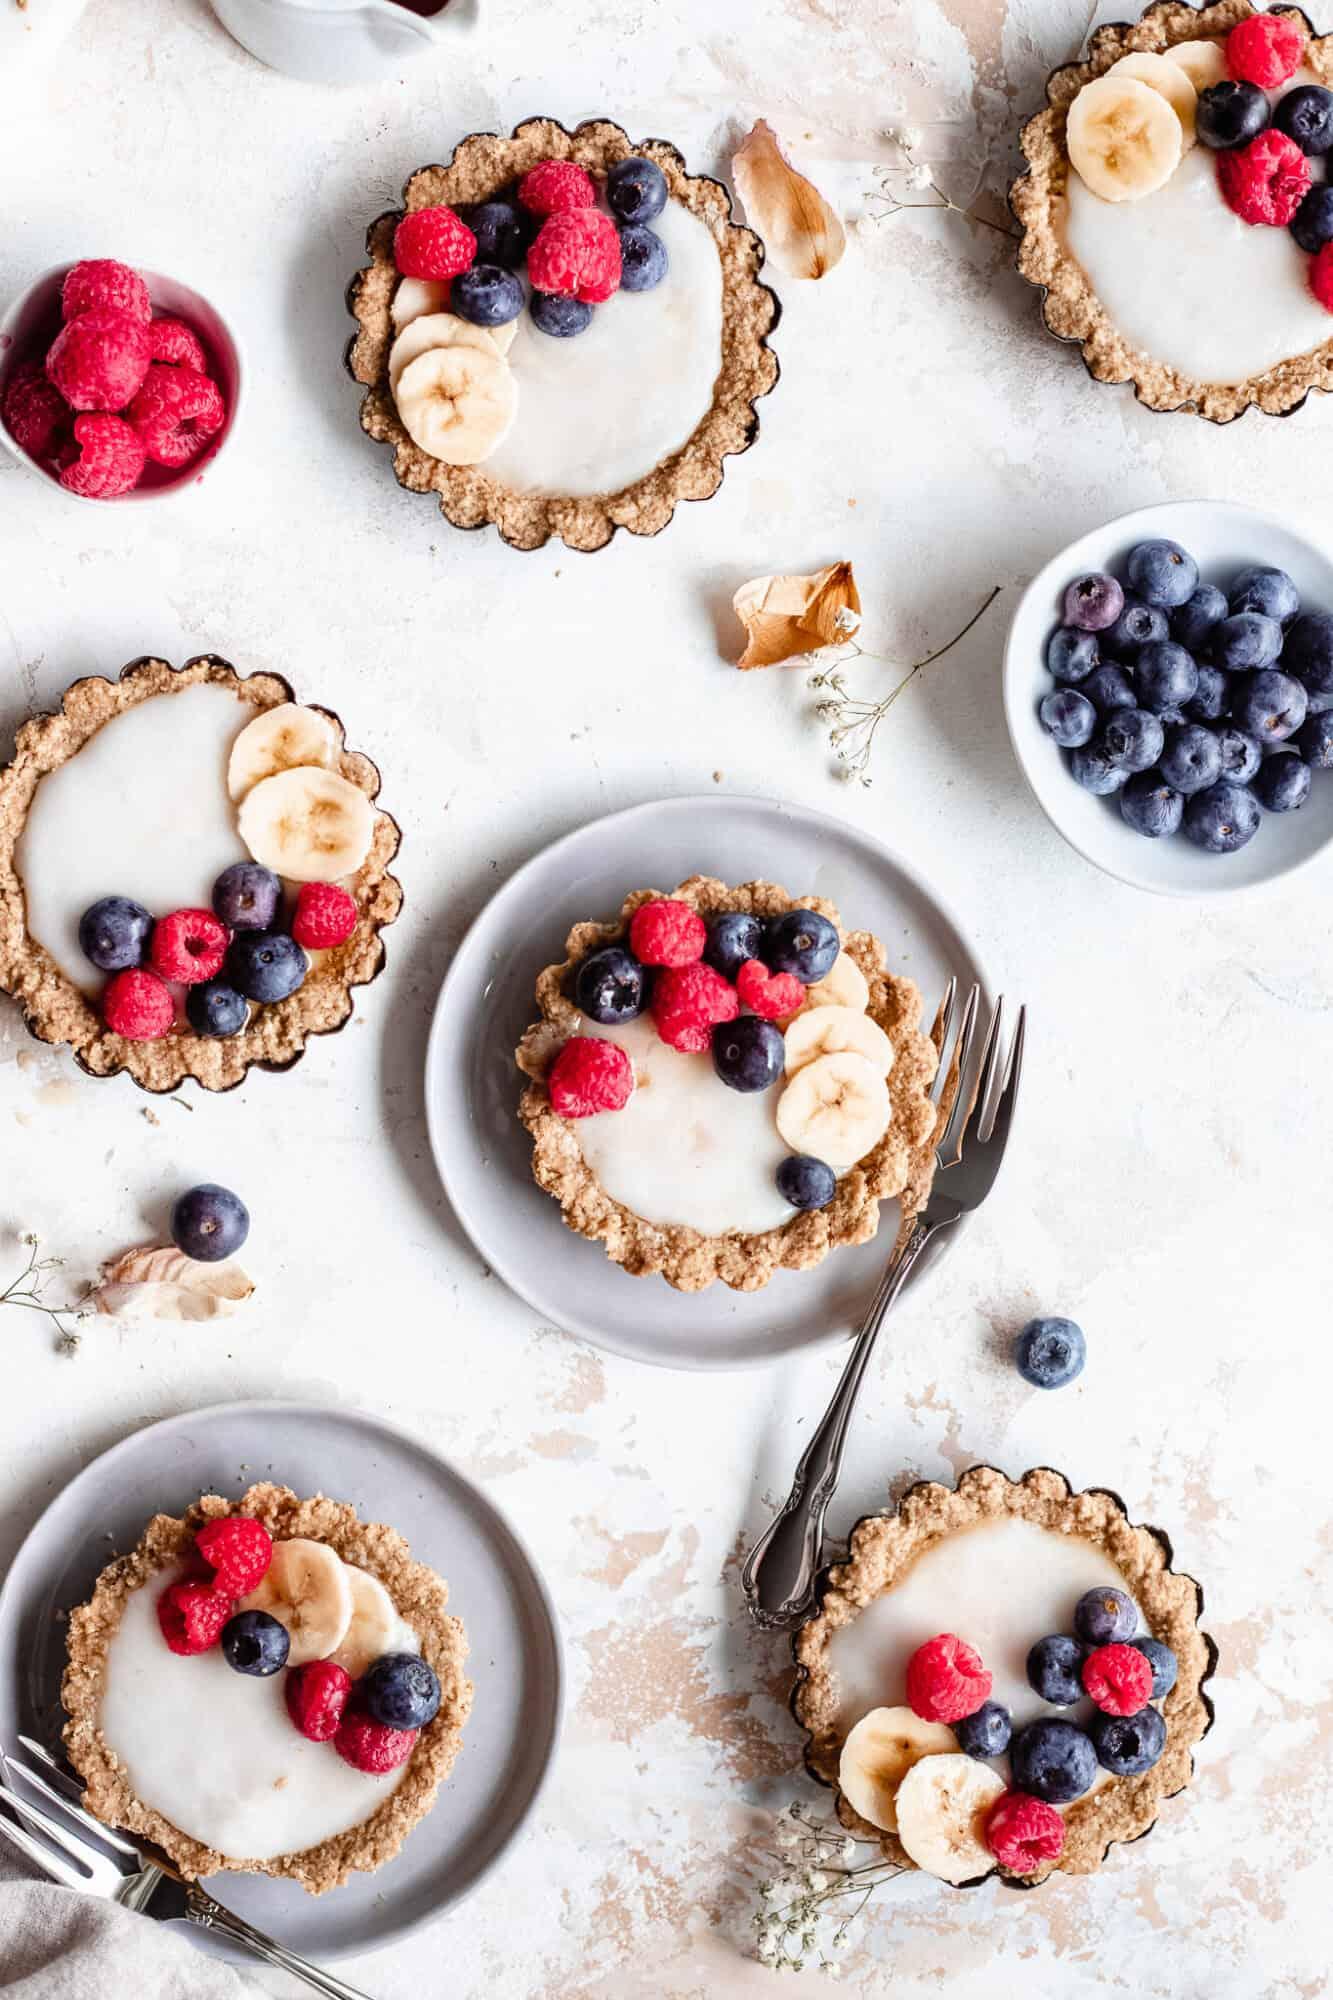 gluten free fruit tarts on plates